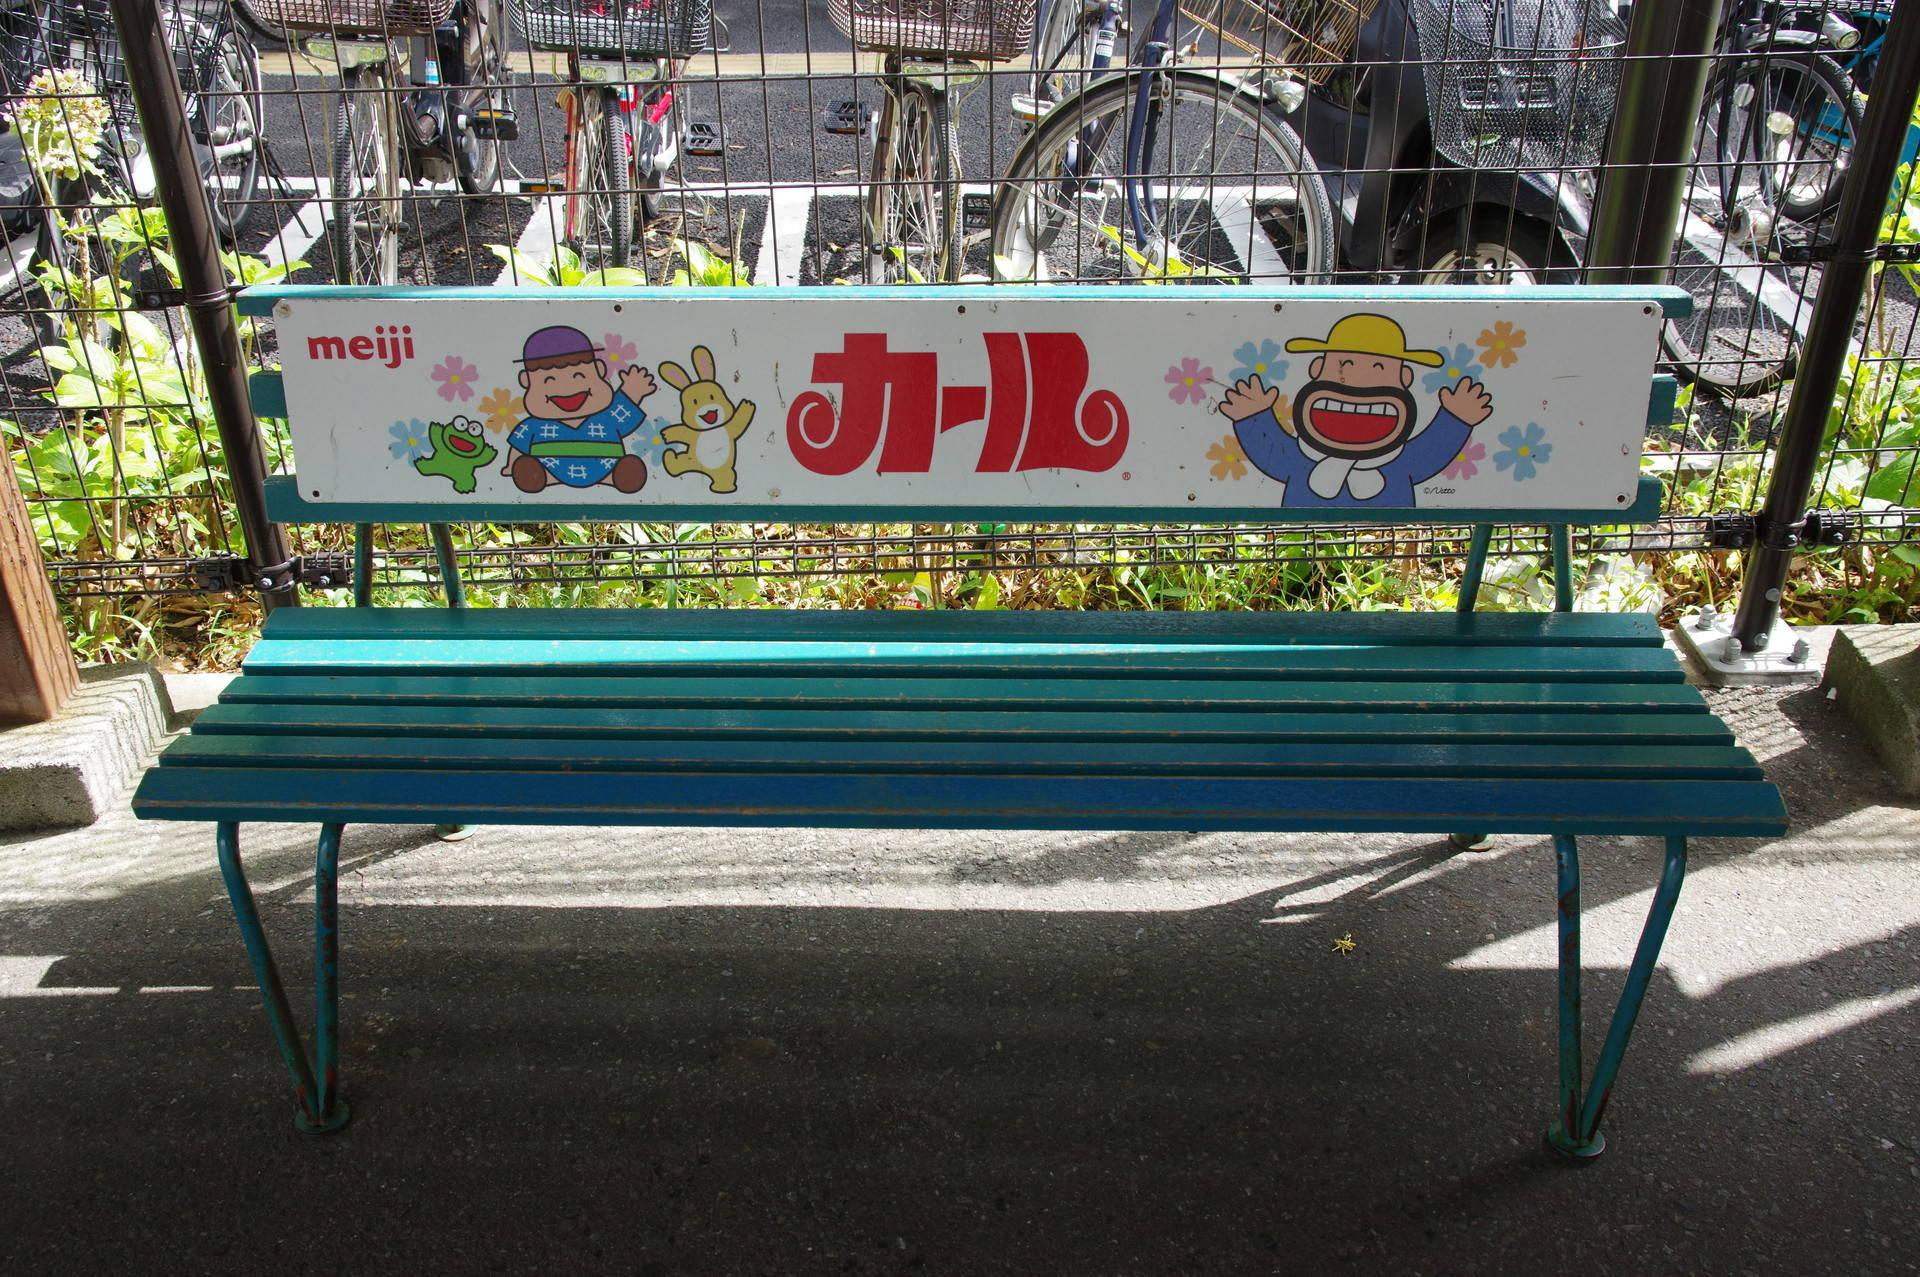 カール(スナック菓子)のベンチ